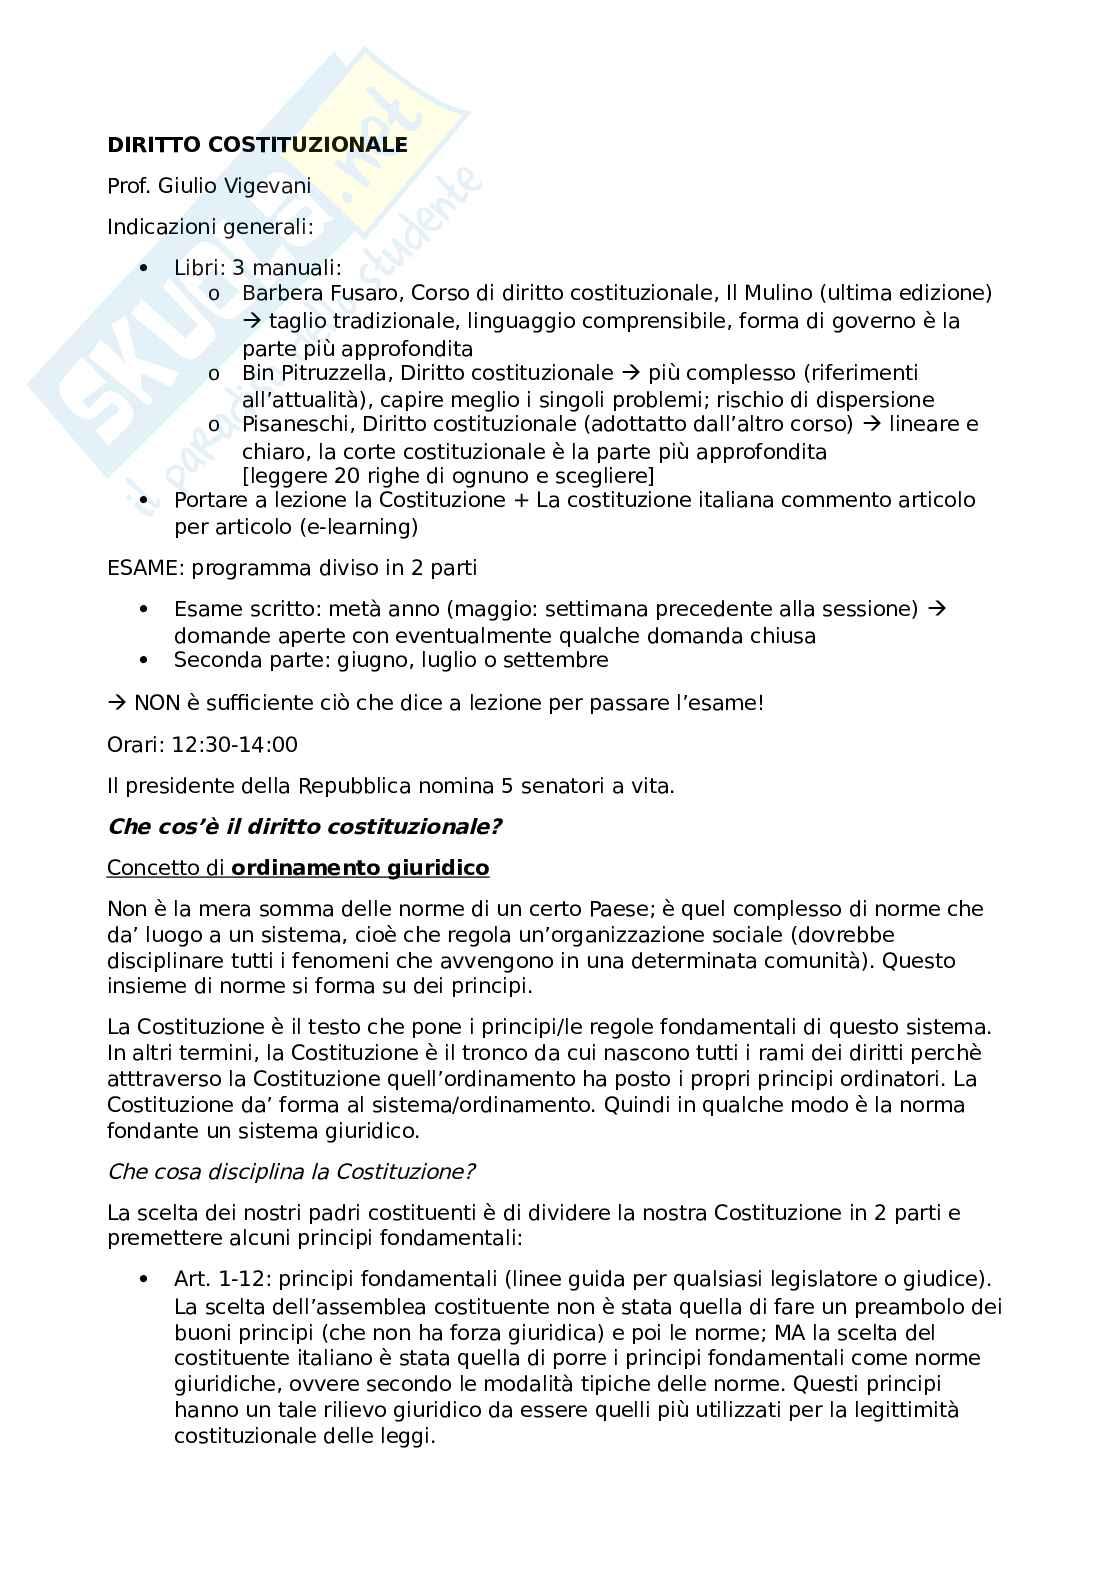 Esame di diritto costituzionale - appunti completi per la preparazione